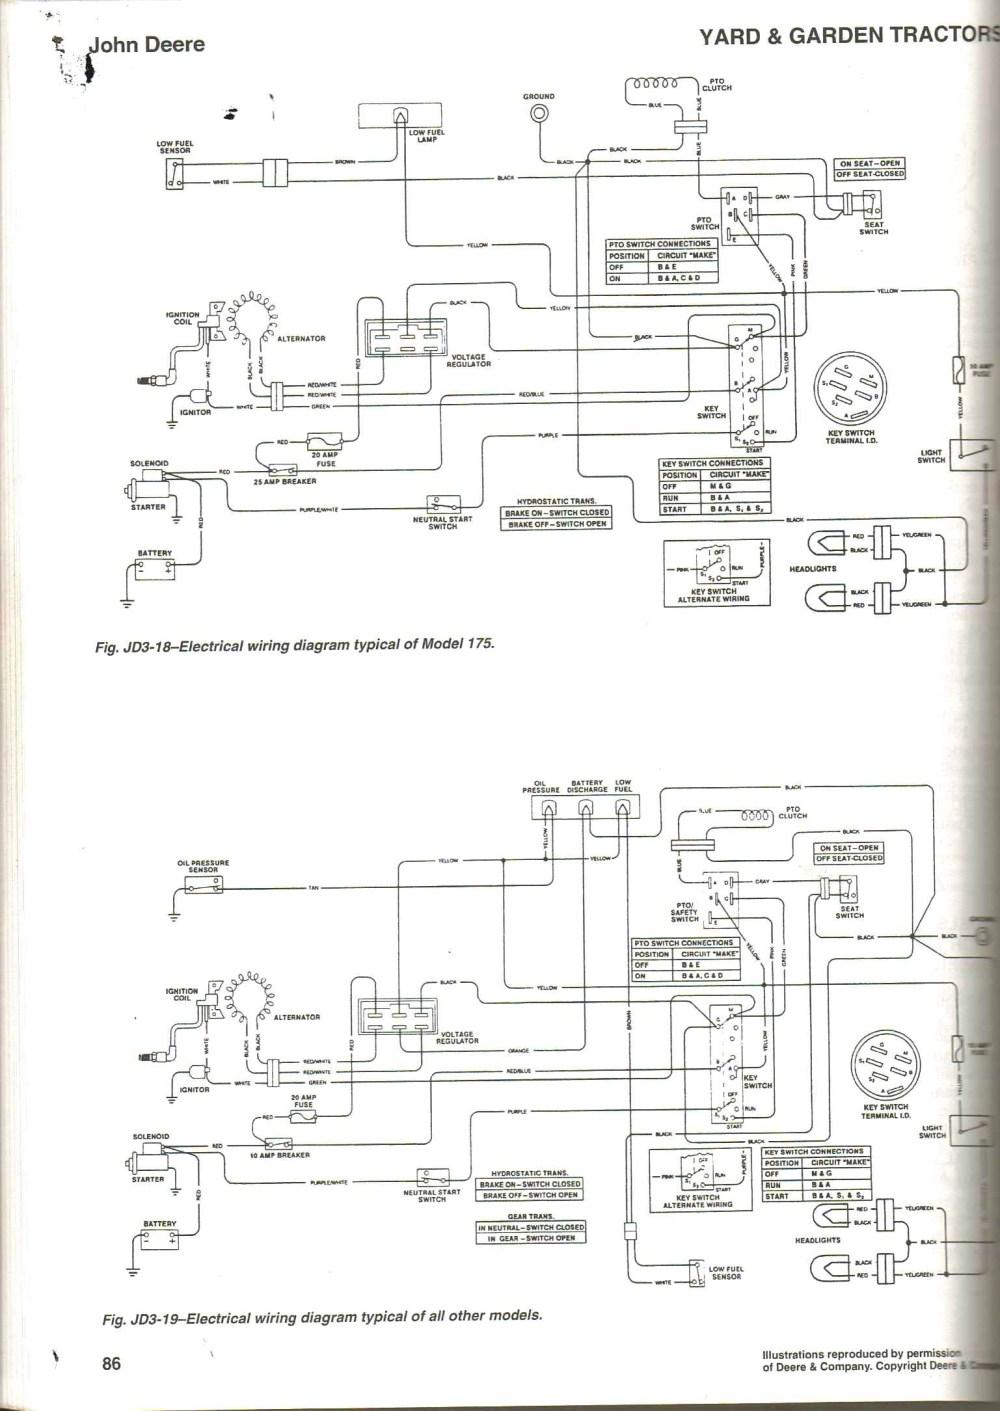 medium resolution of john deere l130 wiring diagram john deere l130 engine diagram fresh diagram john deere solenoid